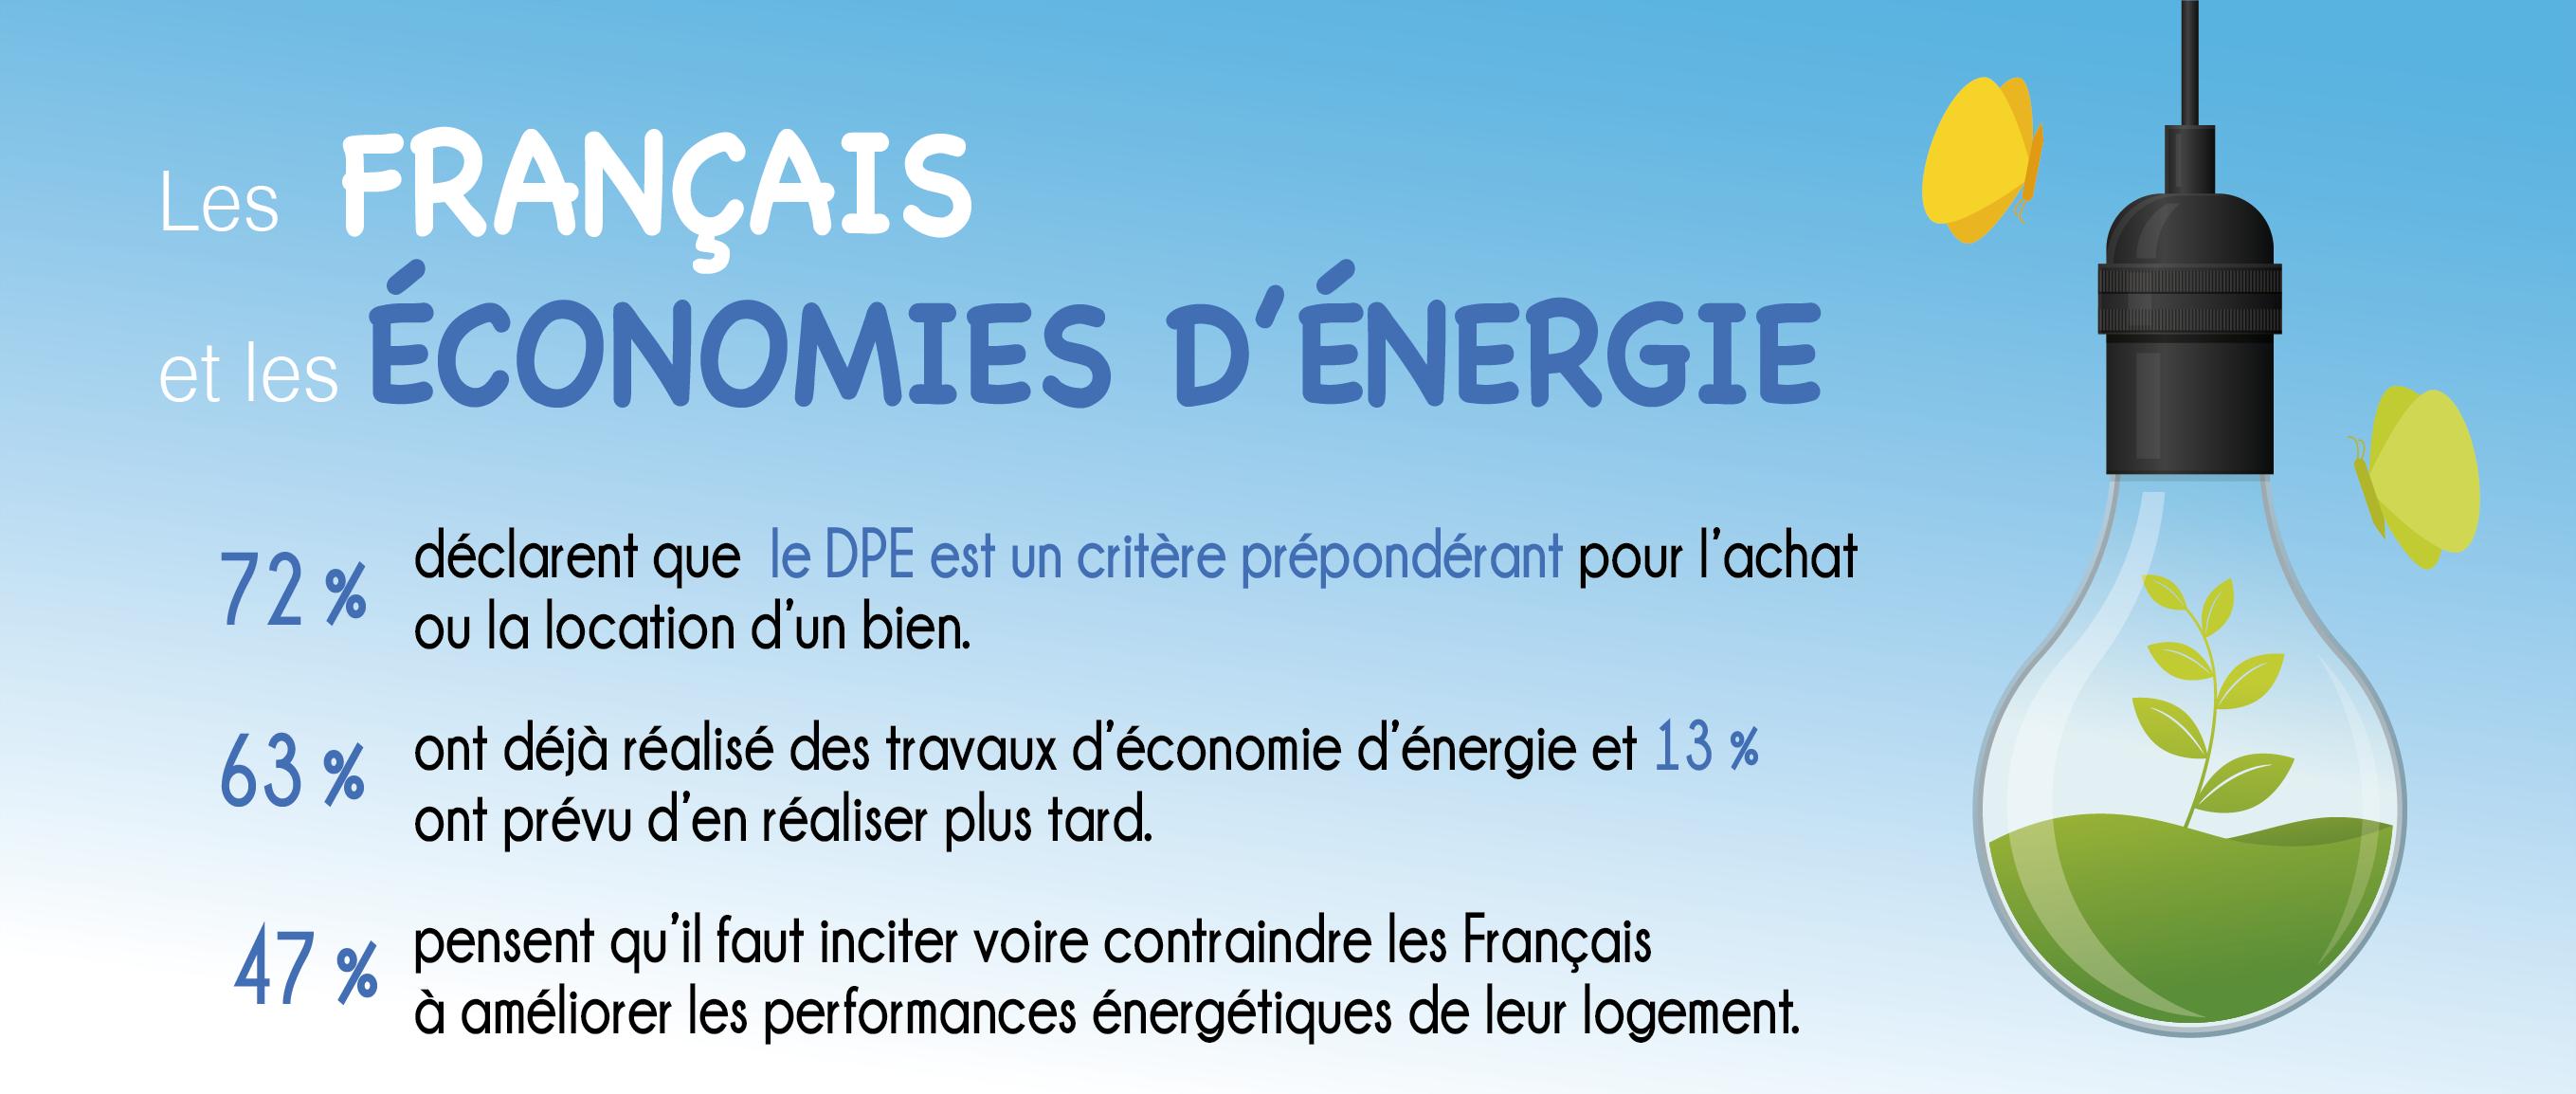 Les Français veulent réduire l'impact de leur logement sur l'environnement